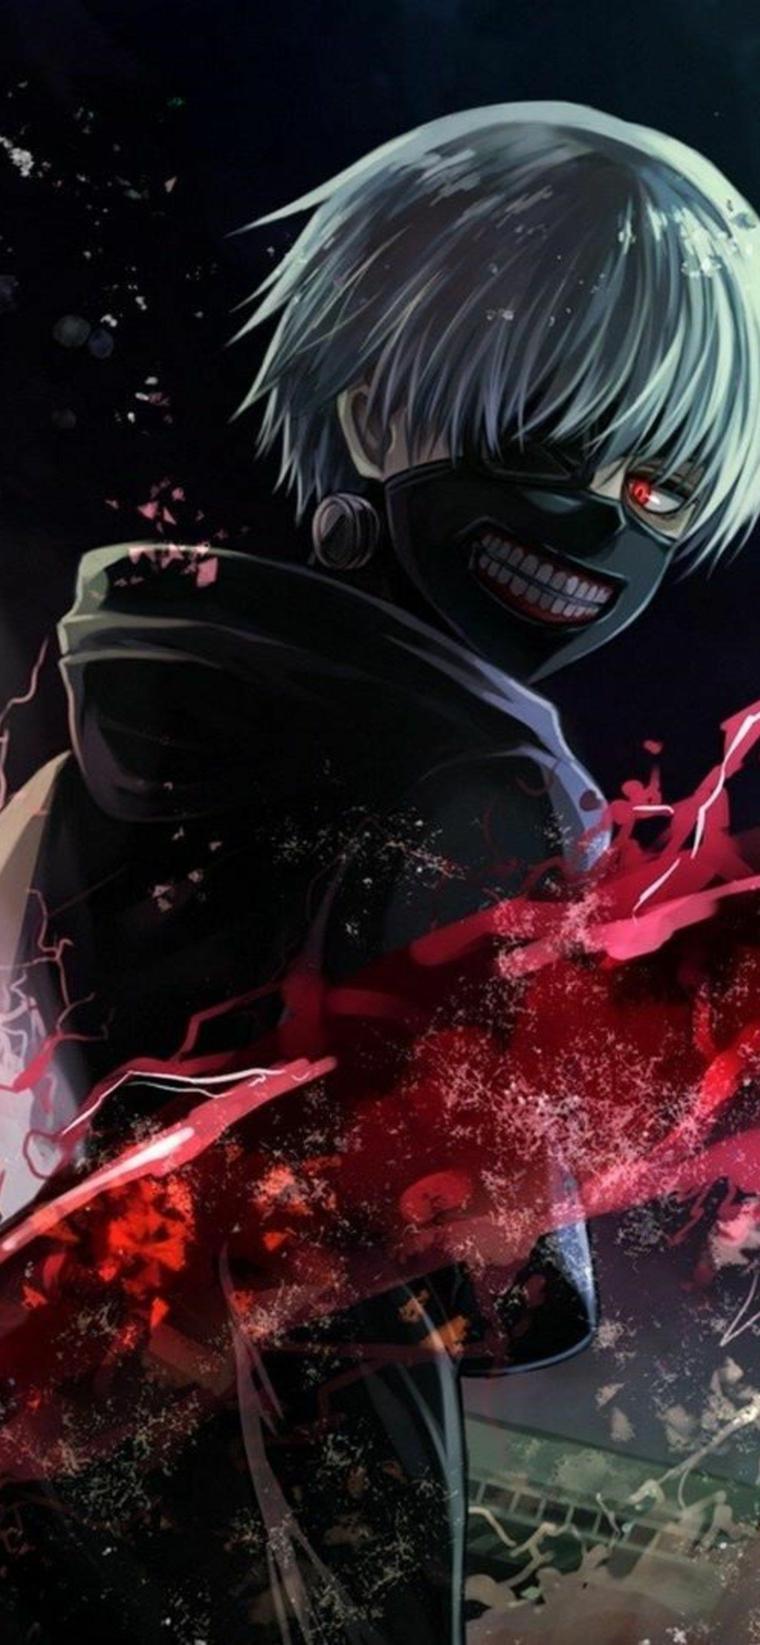 immagine per sfondo telefono ragazzo con maschera su visto cartone animato anime